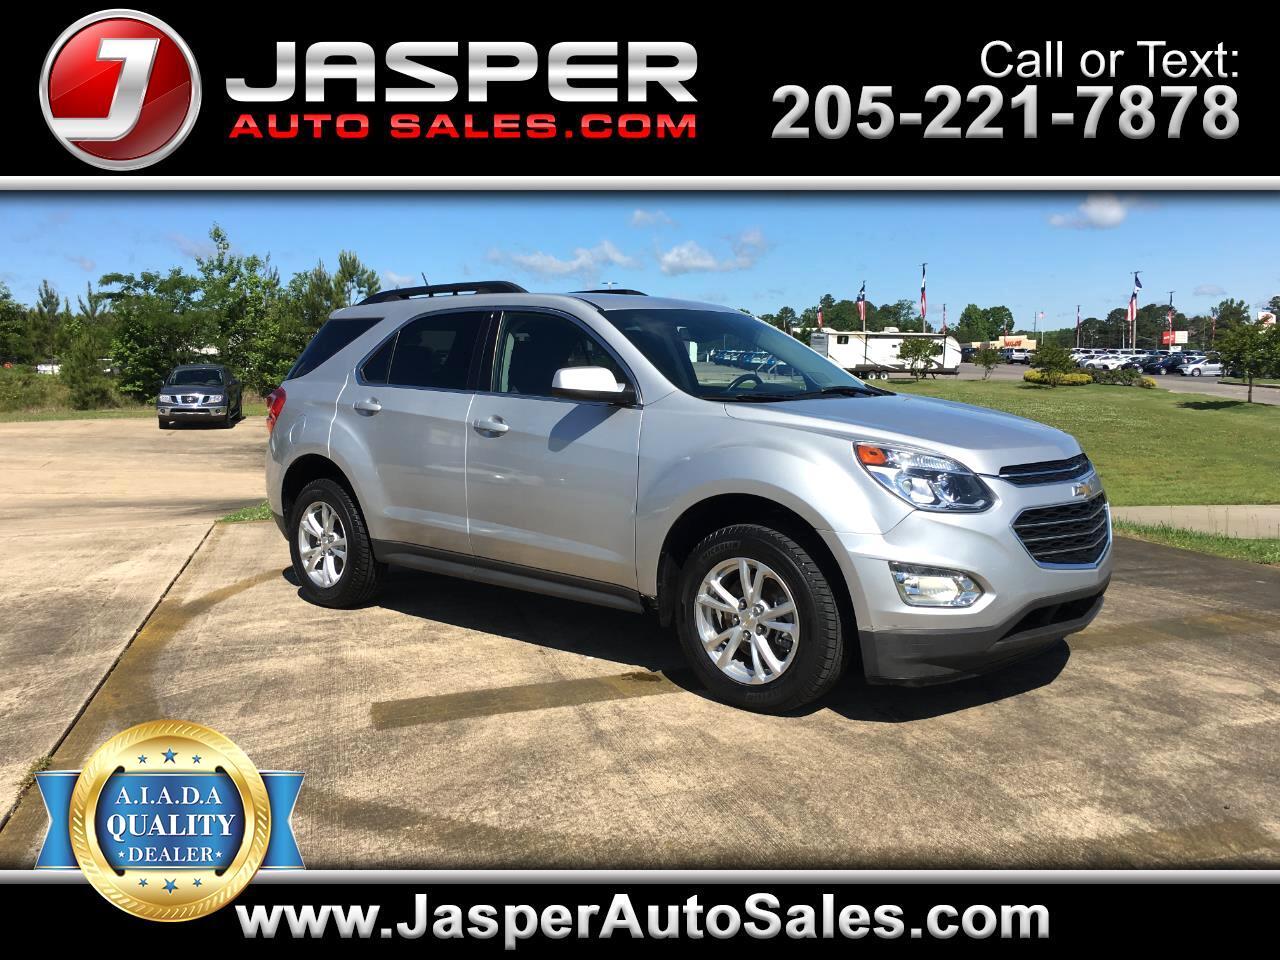 Jasper Car Lots >> Jasper Auto Sales Select Jasper Al New Used Cars Trucks